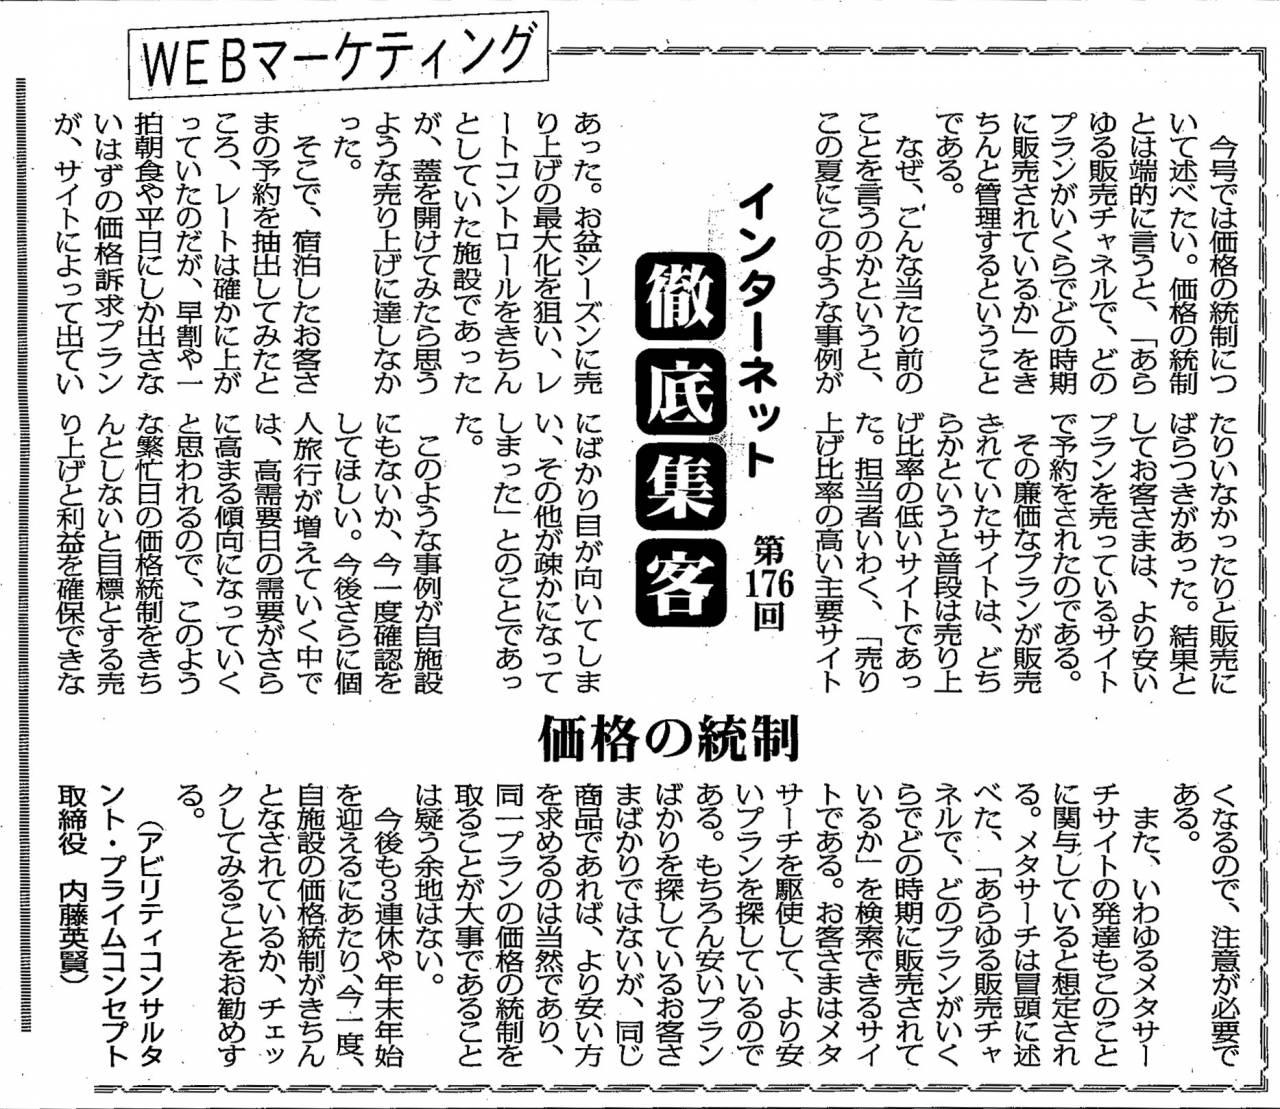 【第176回】WEBマーケティング インターネット徹底集客 (価格の統制)